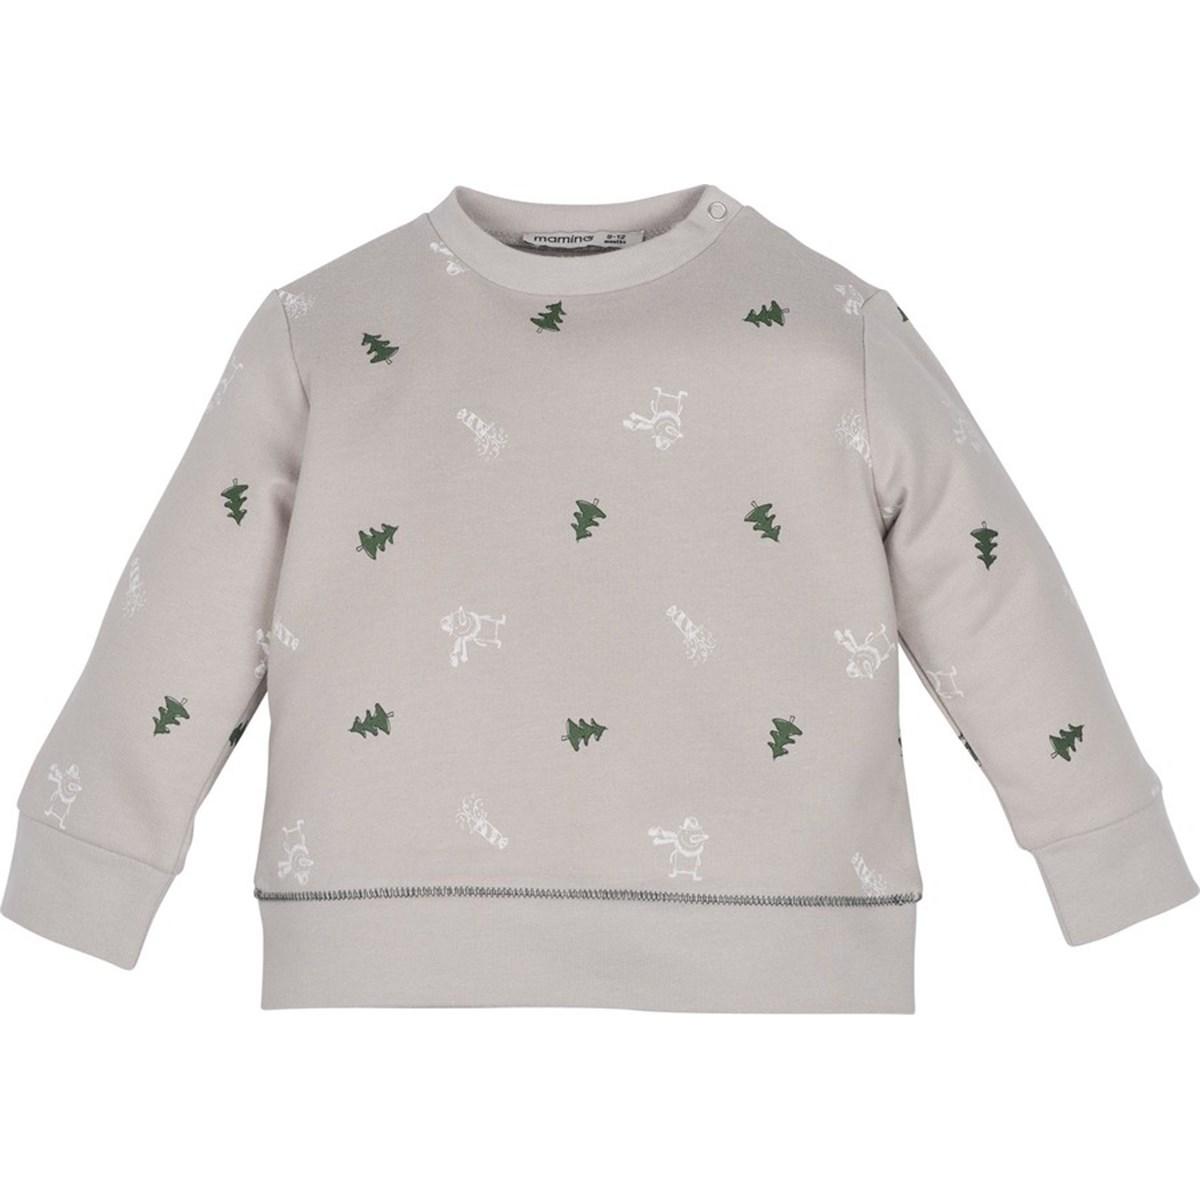 12527 Sweatshirt 1